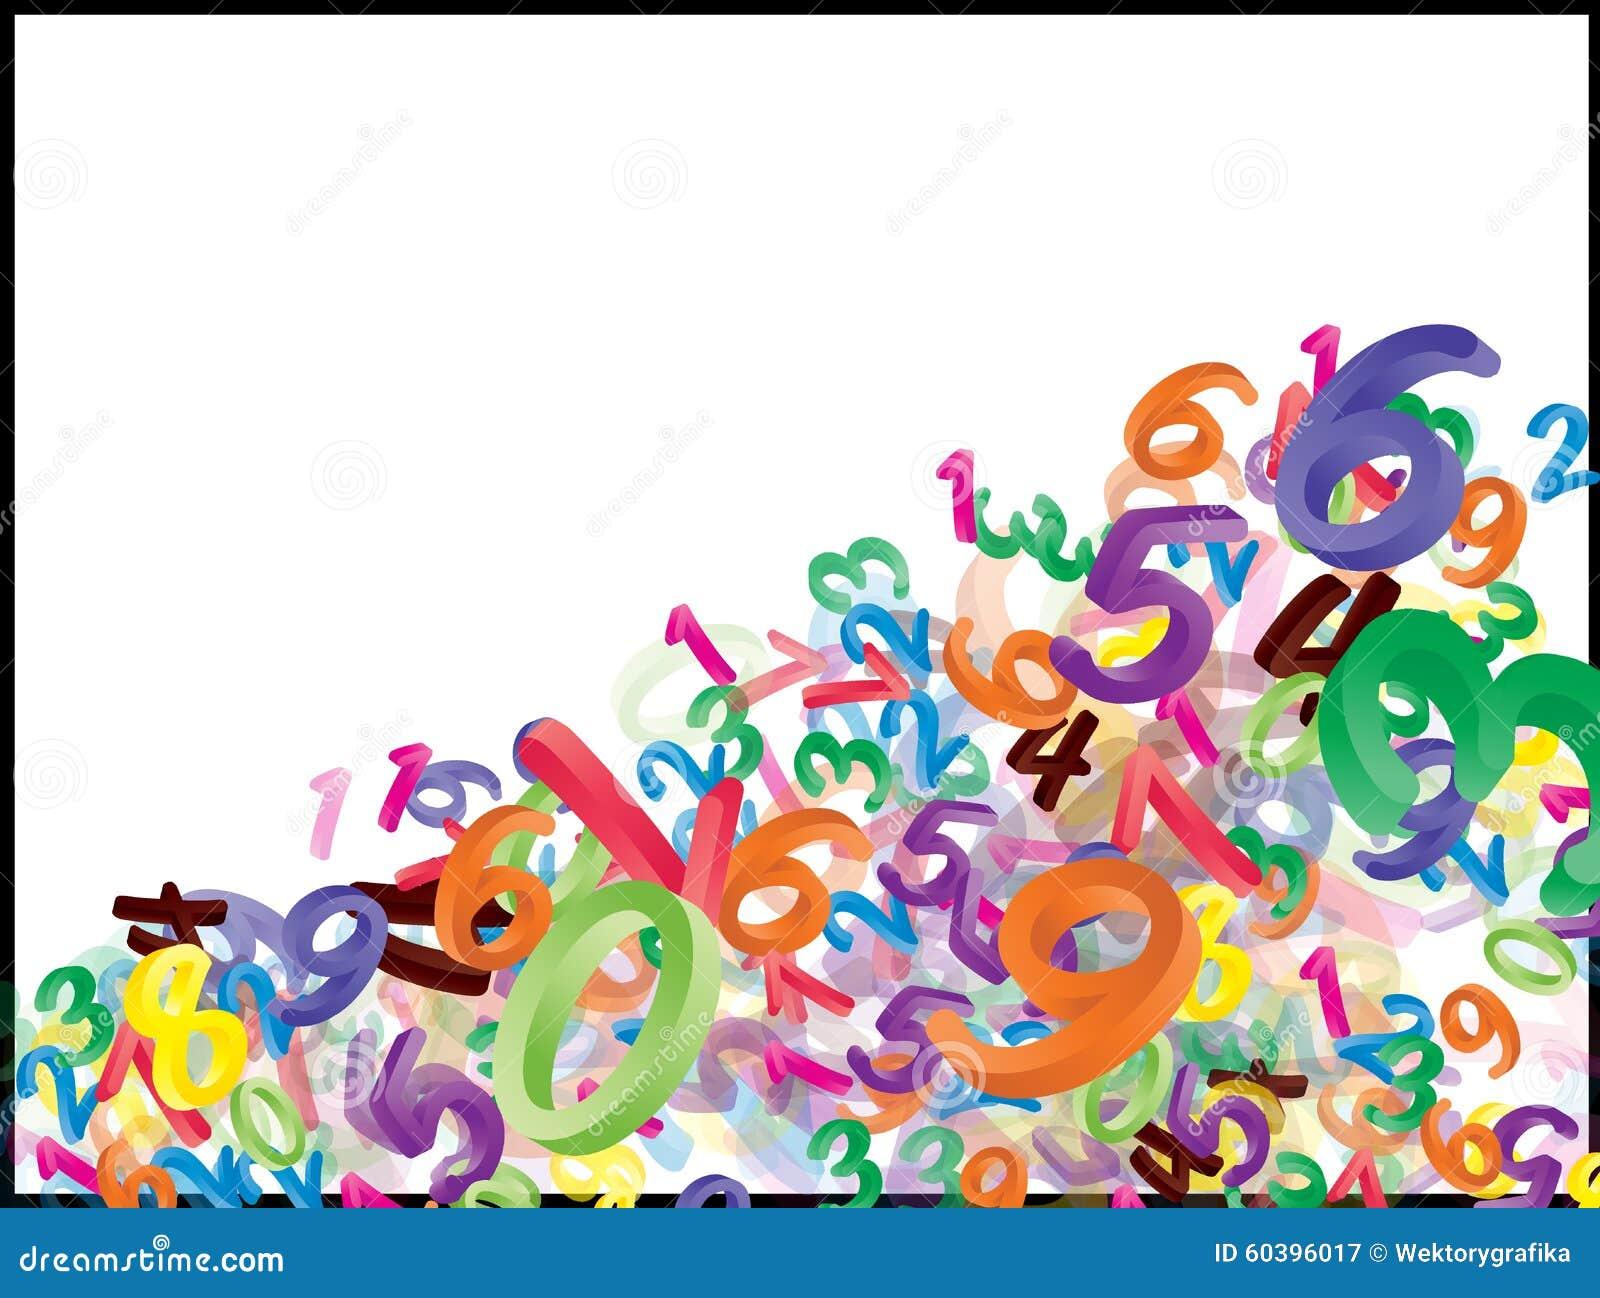 Fundo de números de queda dos desenhos animados, dígitos Ilustração engraçada, alegre e colorida para crianças no fundo branco